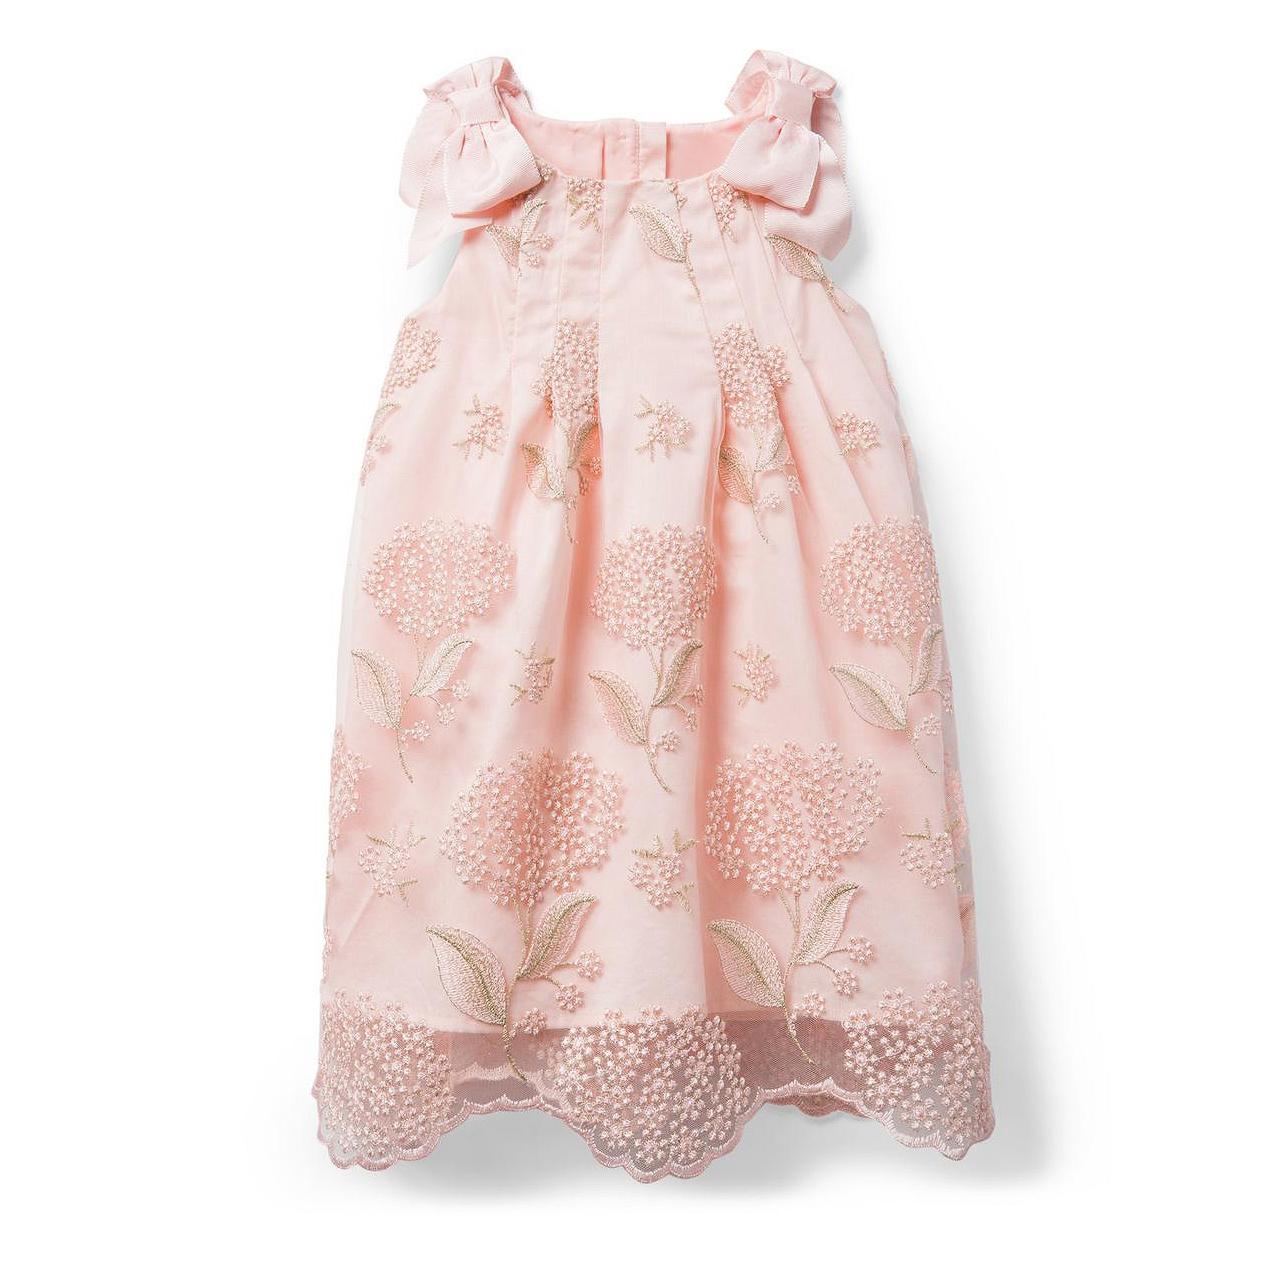 summer flower girl outfit pink embellished dress